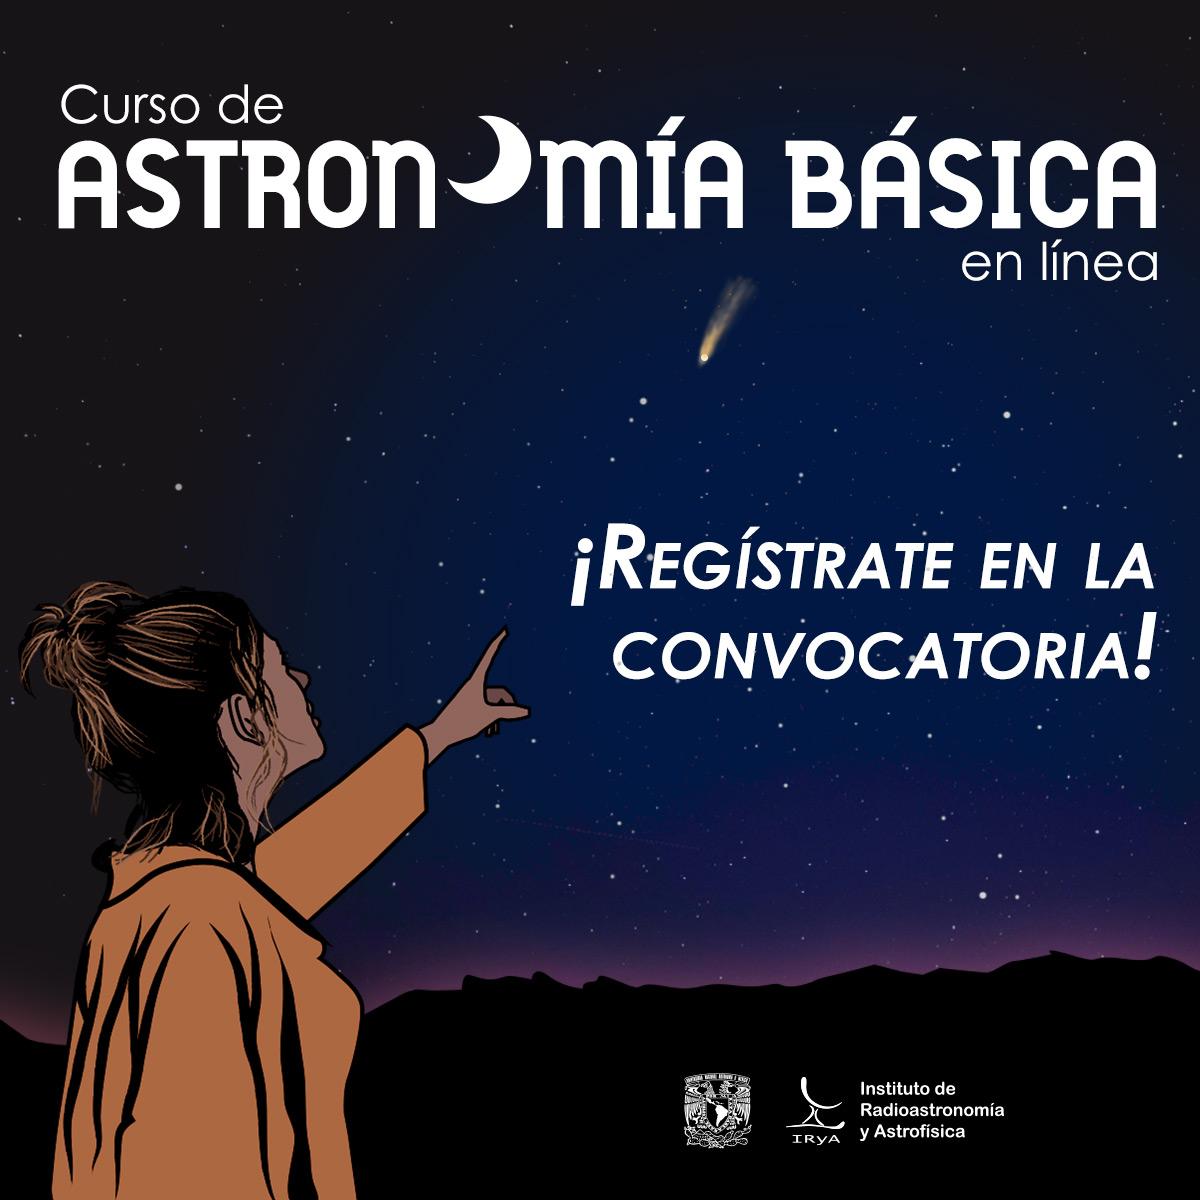 UNAM campus Morelia invita al Curso de Astronomía Básica 2020